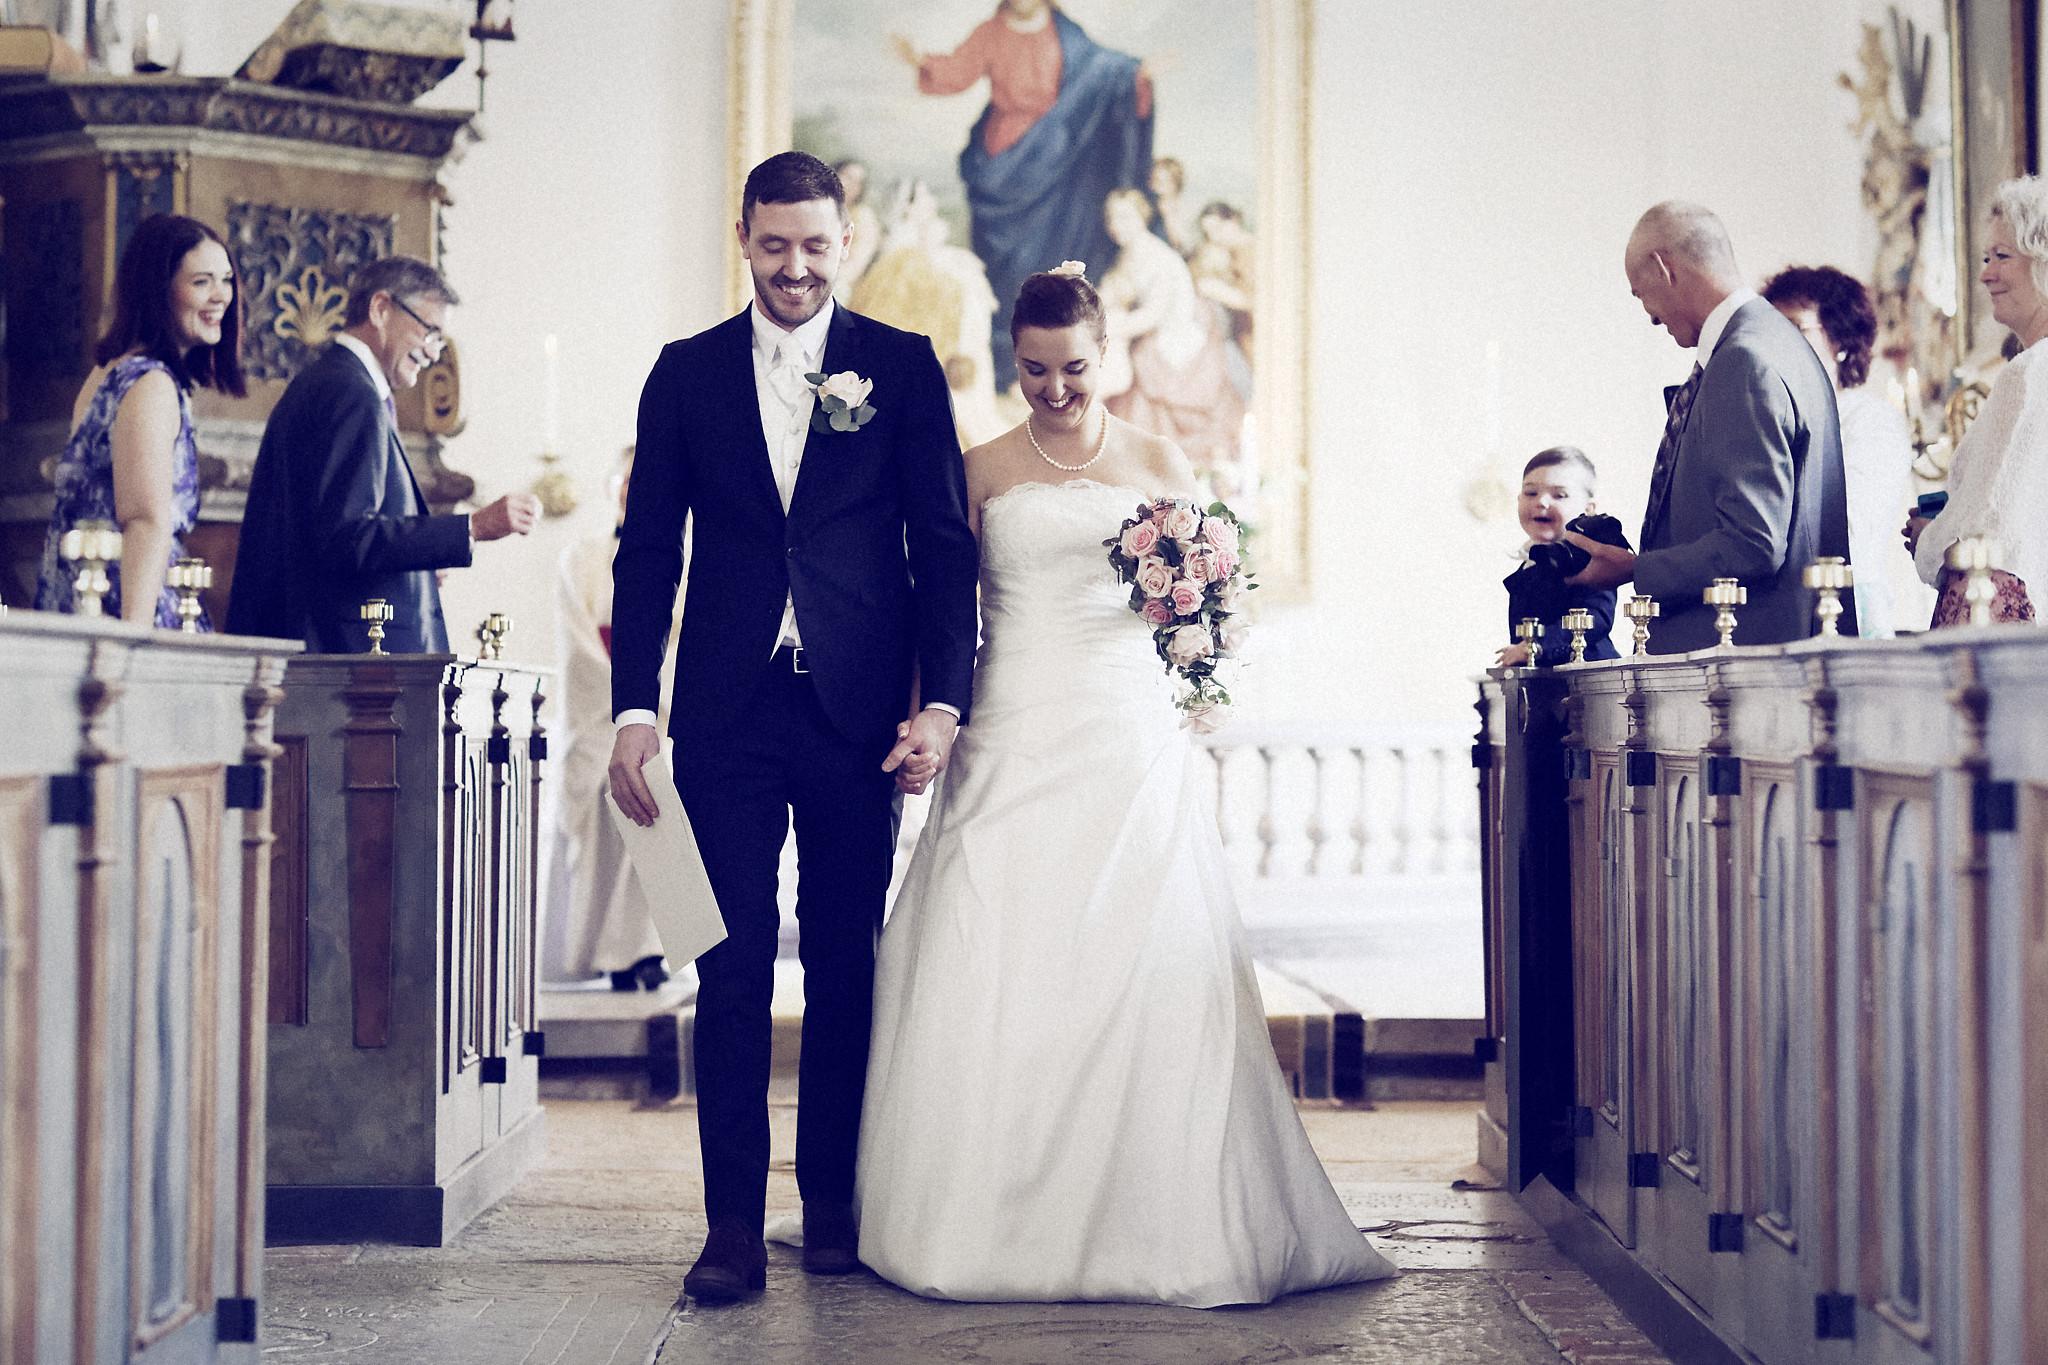 Bröllopsceremoni 4: Nerför altargång